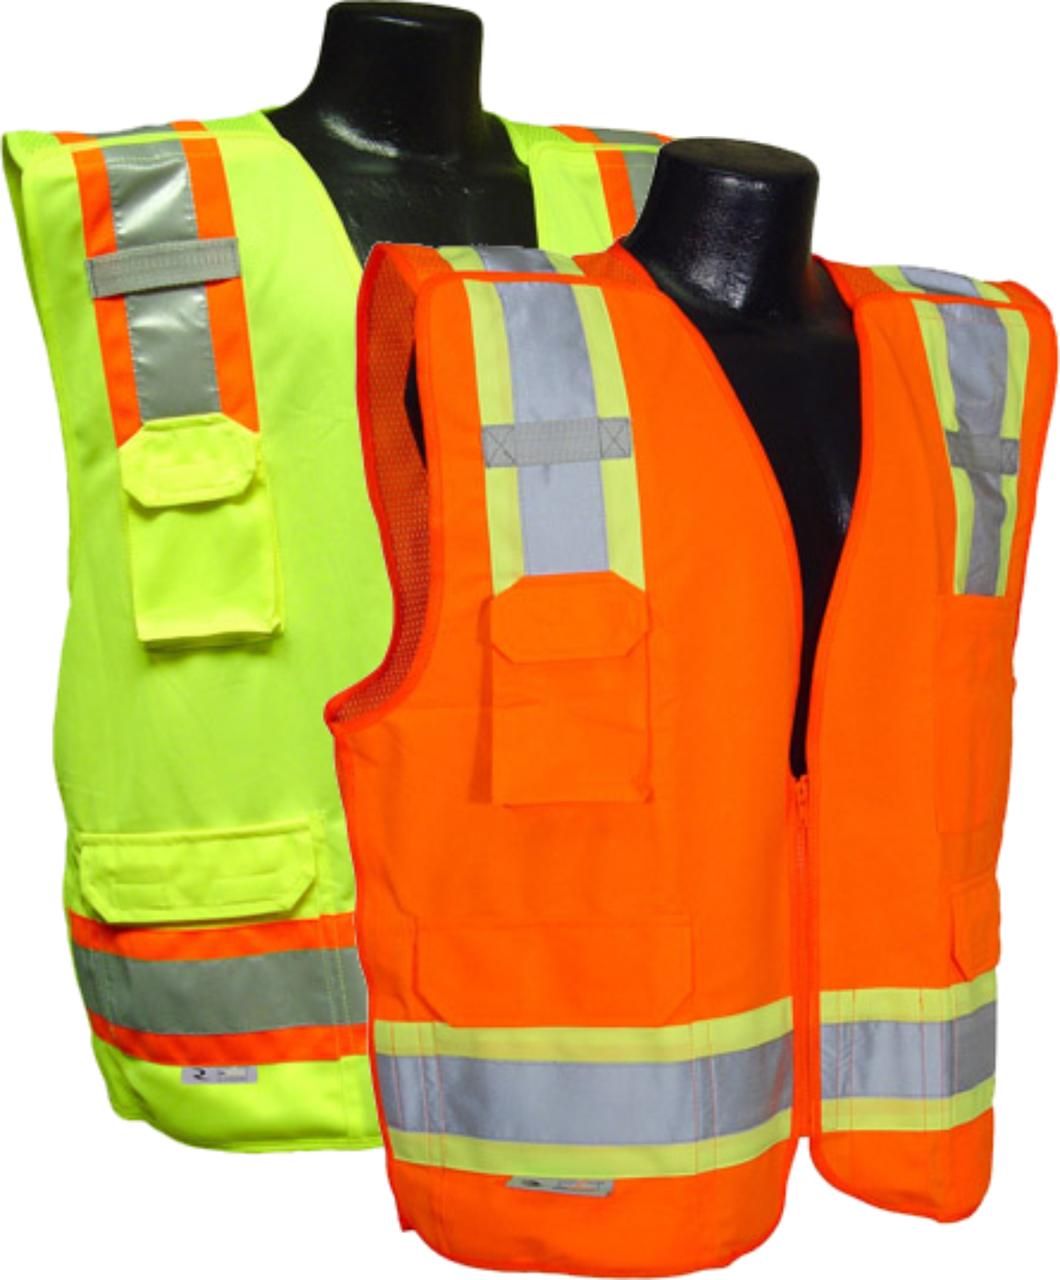 Surveyor 5 point breakaway safety vest | Type R / Class 2 | ANSI/ISEA 107-2015